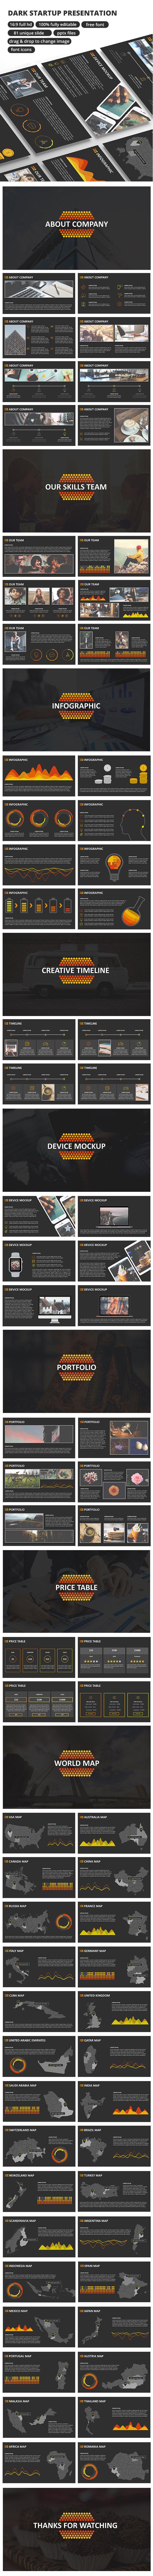 Dark StartUp - PowerPoint Presentation Template